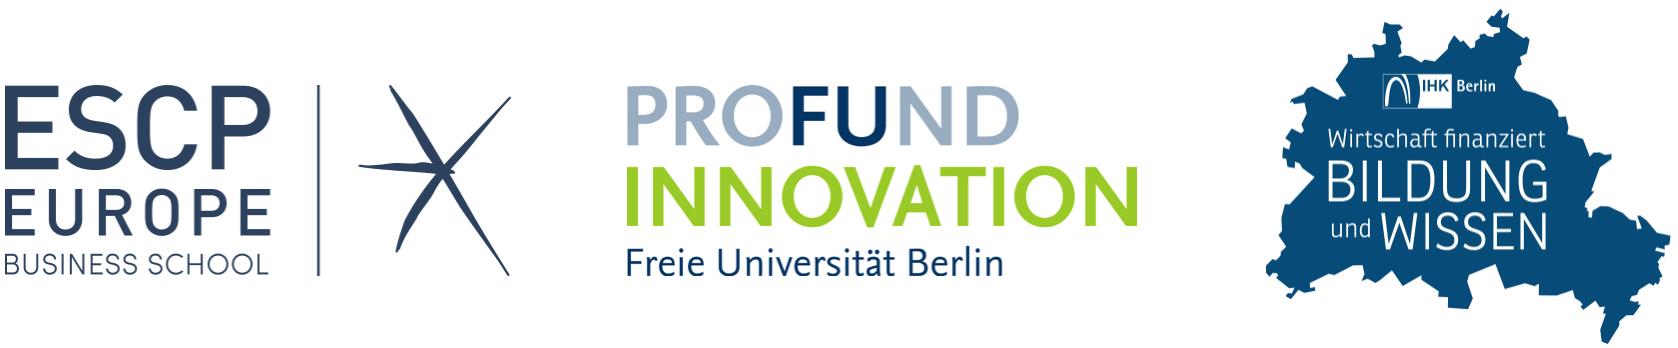 berlin innobridge wurde aus einer vielzahl eingereichter projektideen als eines der wirtschaftsgefrderten bildungsprojekte ausgewhlt - Fu Berlin Bewerbung